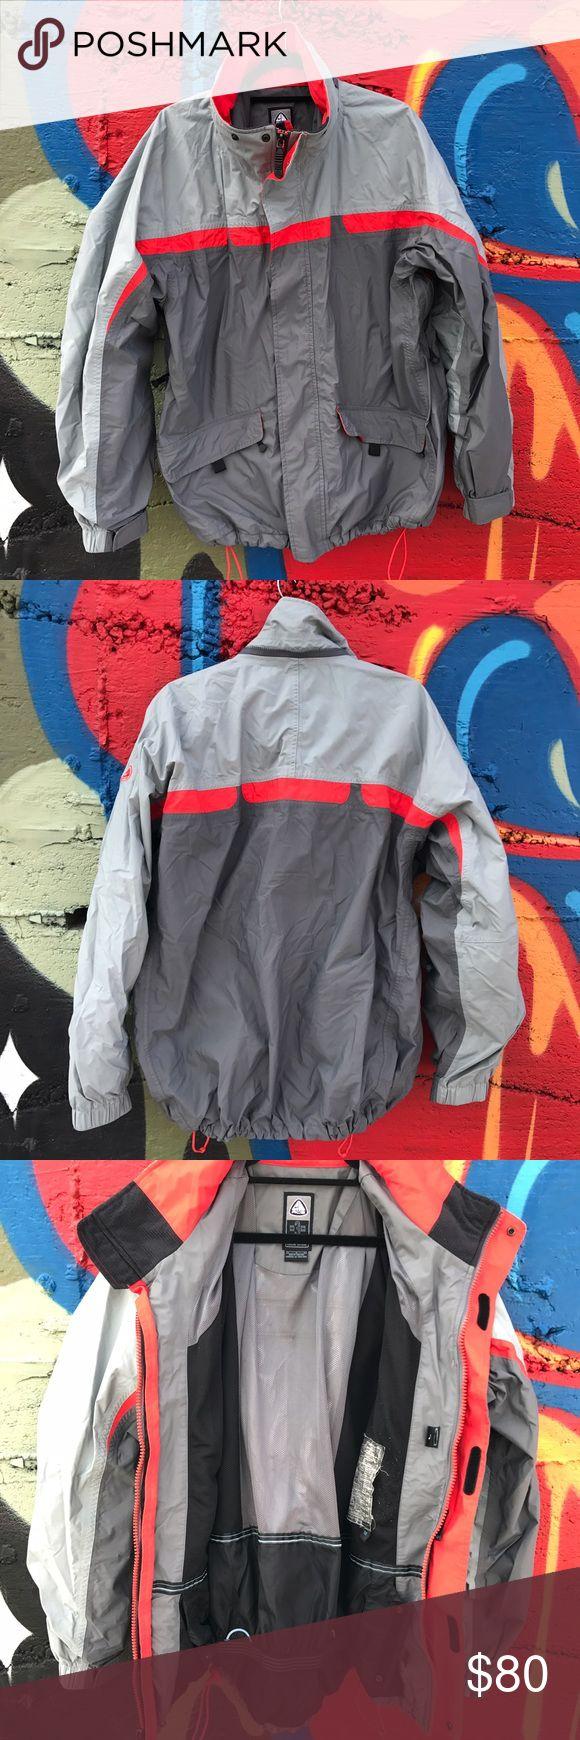 Best 20 Nike Acg Jacket Ideas On Pinterest